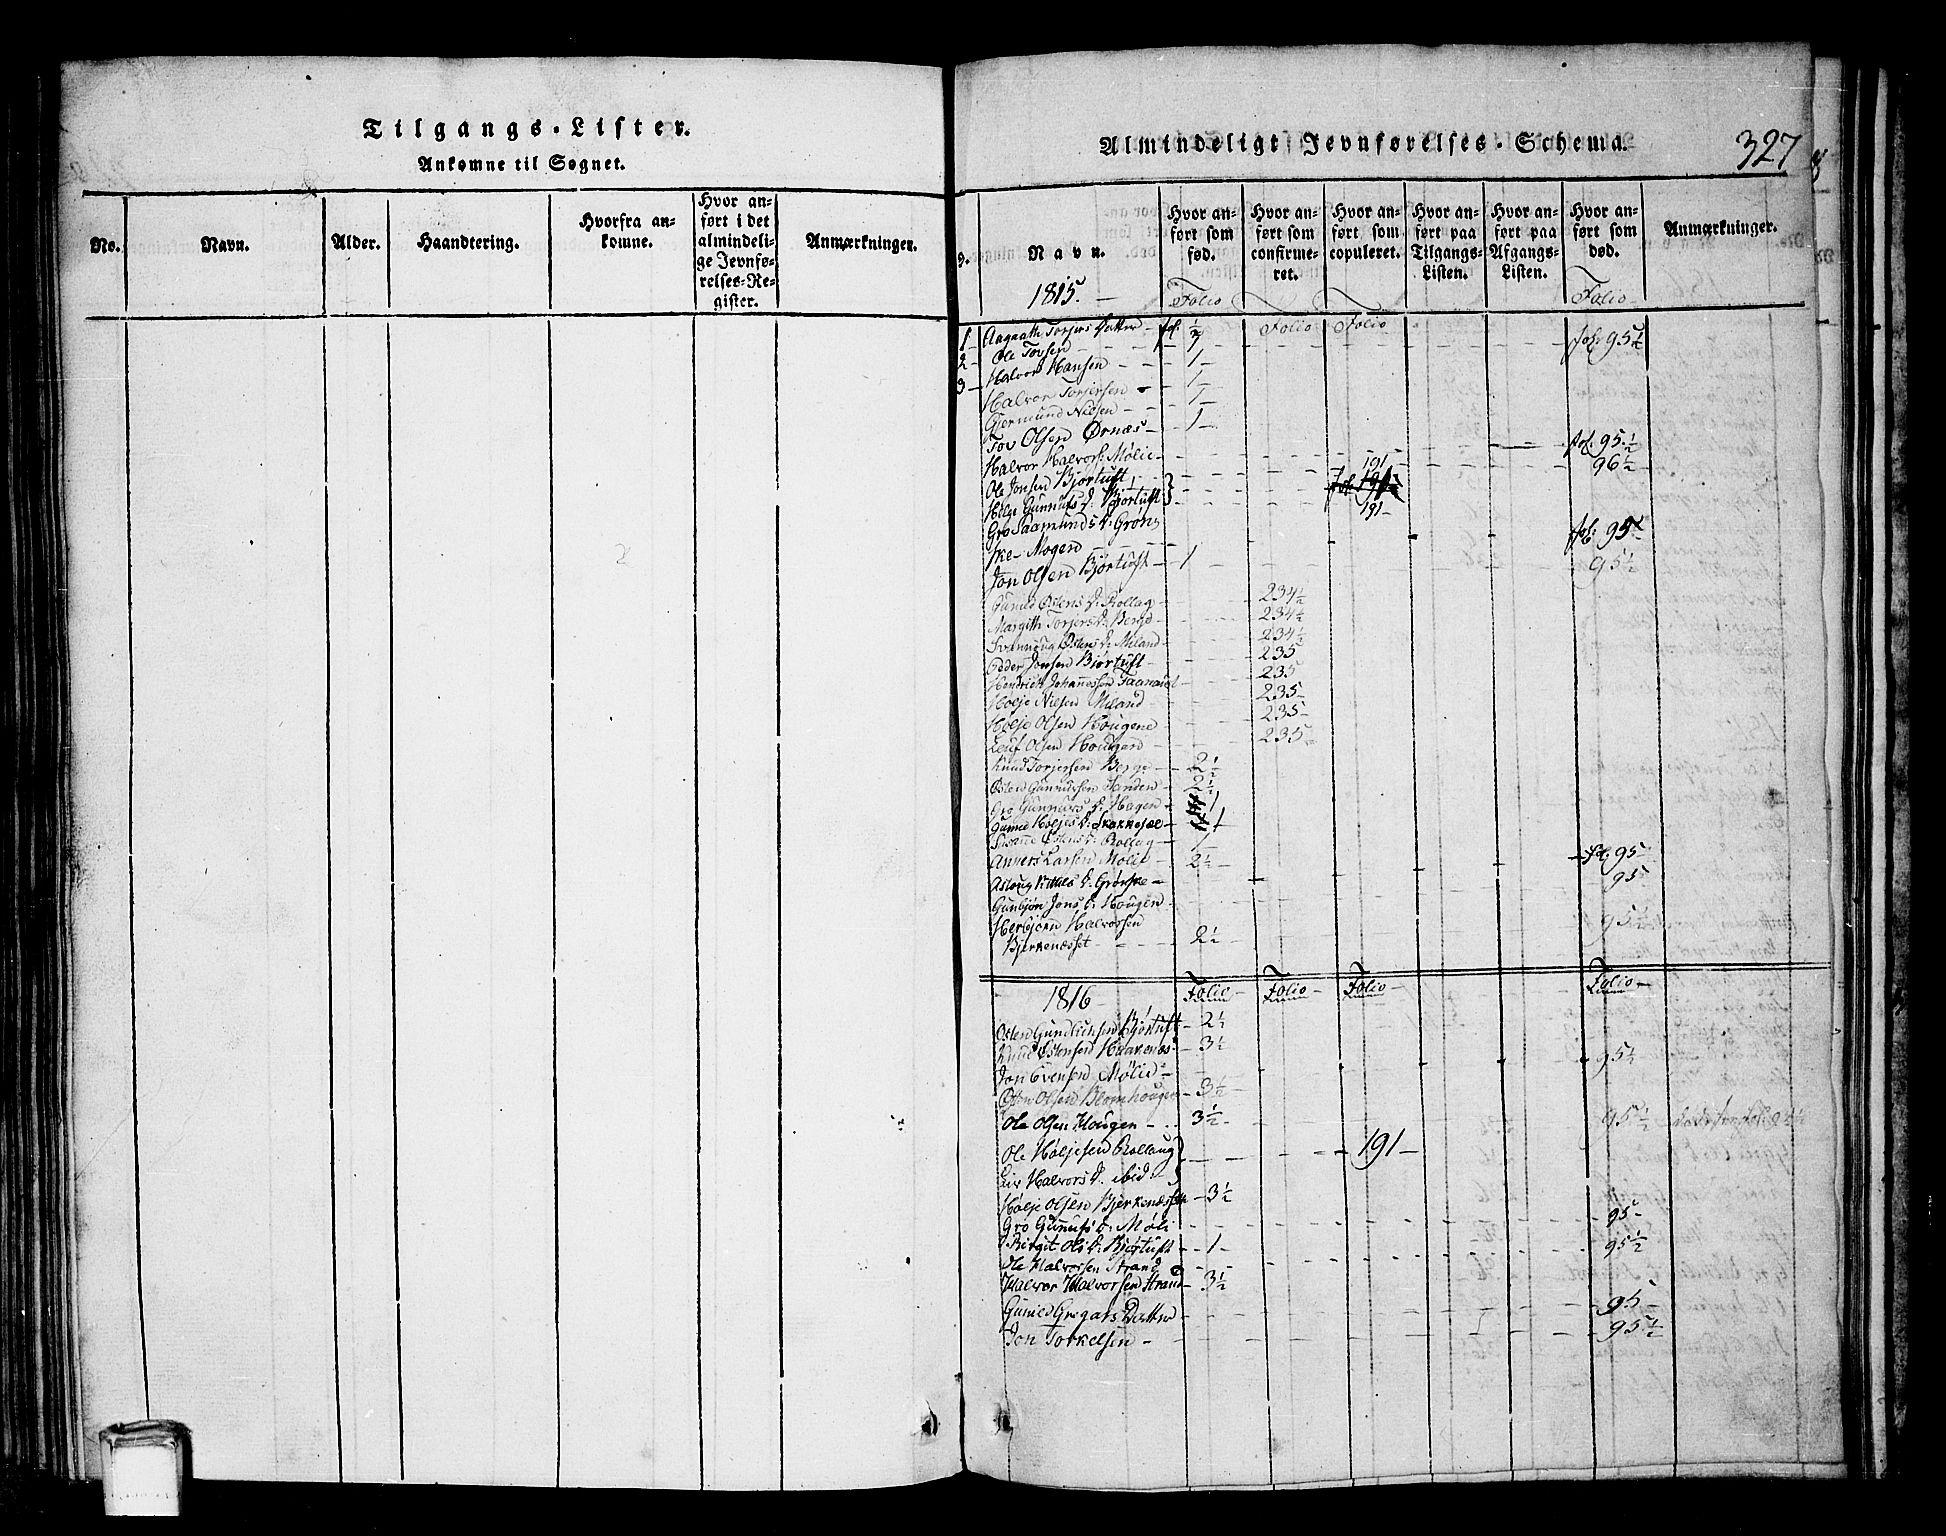 SAKO, Tinn kirkebøker, G/Gb/L0001: Klokkerbok nr. II 1 /1, 1815-1850, s. 327